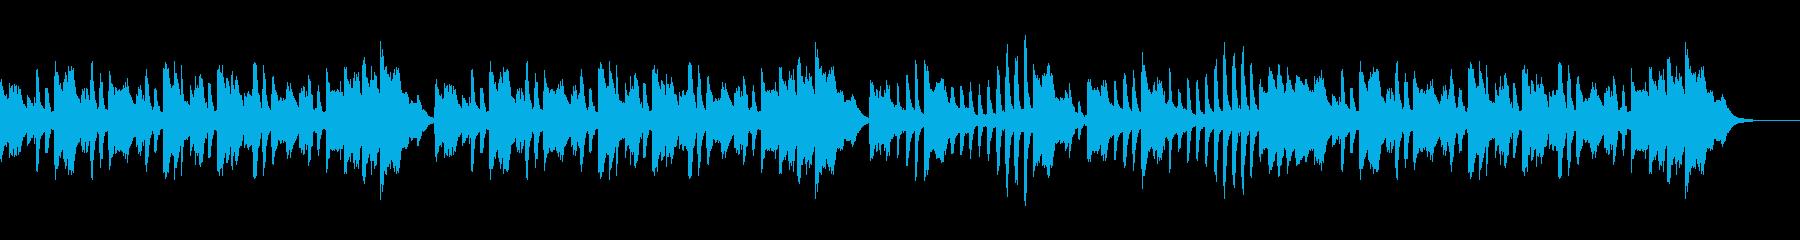 ピアノ練習曲/ブルグミュラー優しく美しくの再生済みの波形